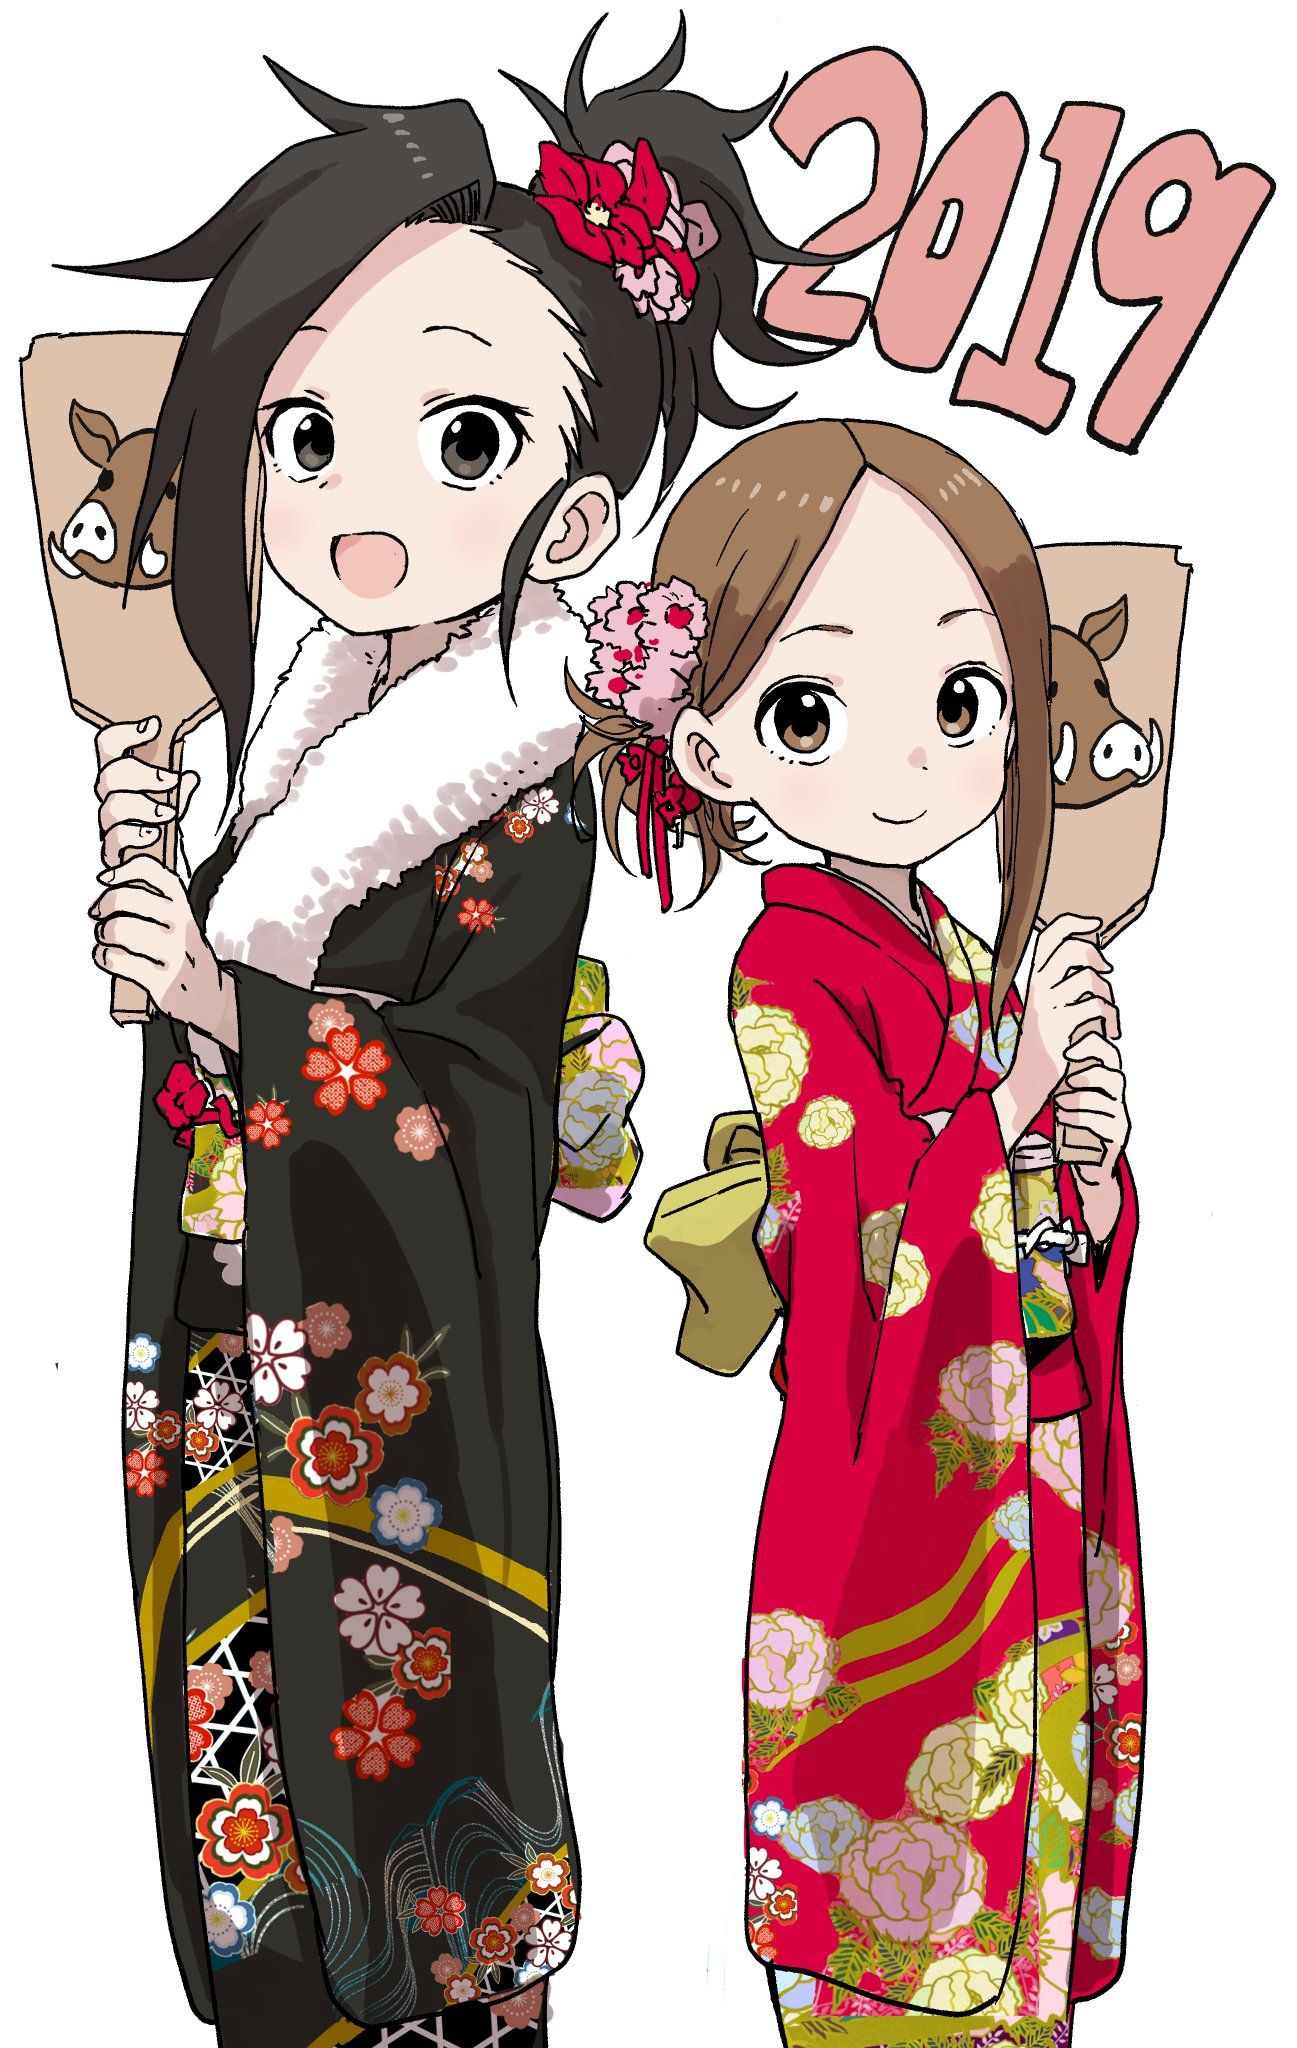 山本崇一朗.高木14ツバキ5将棋4 on Twitter Cute anime character